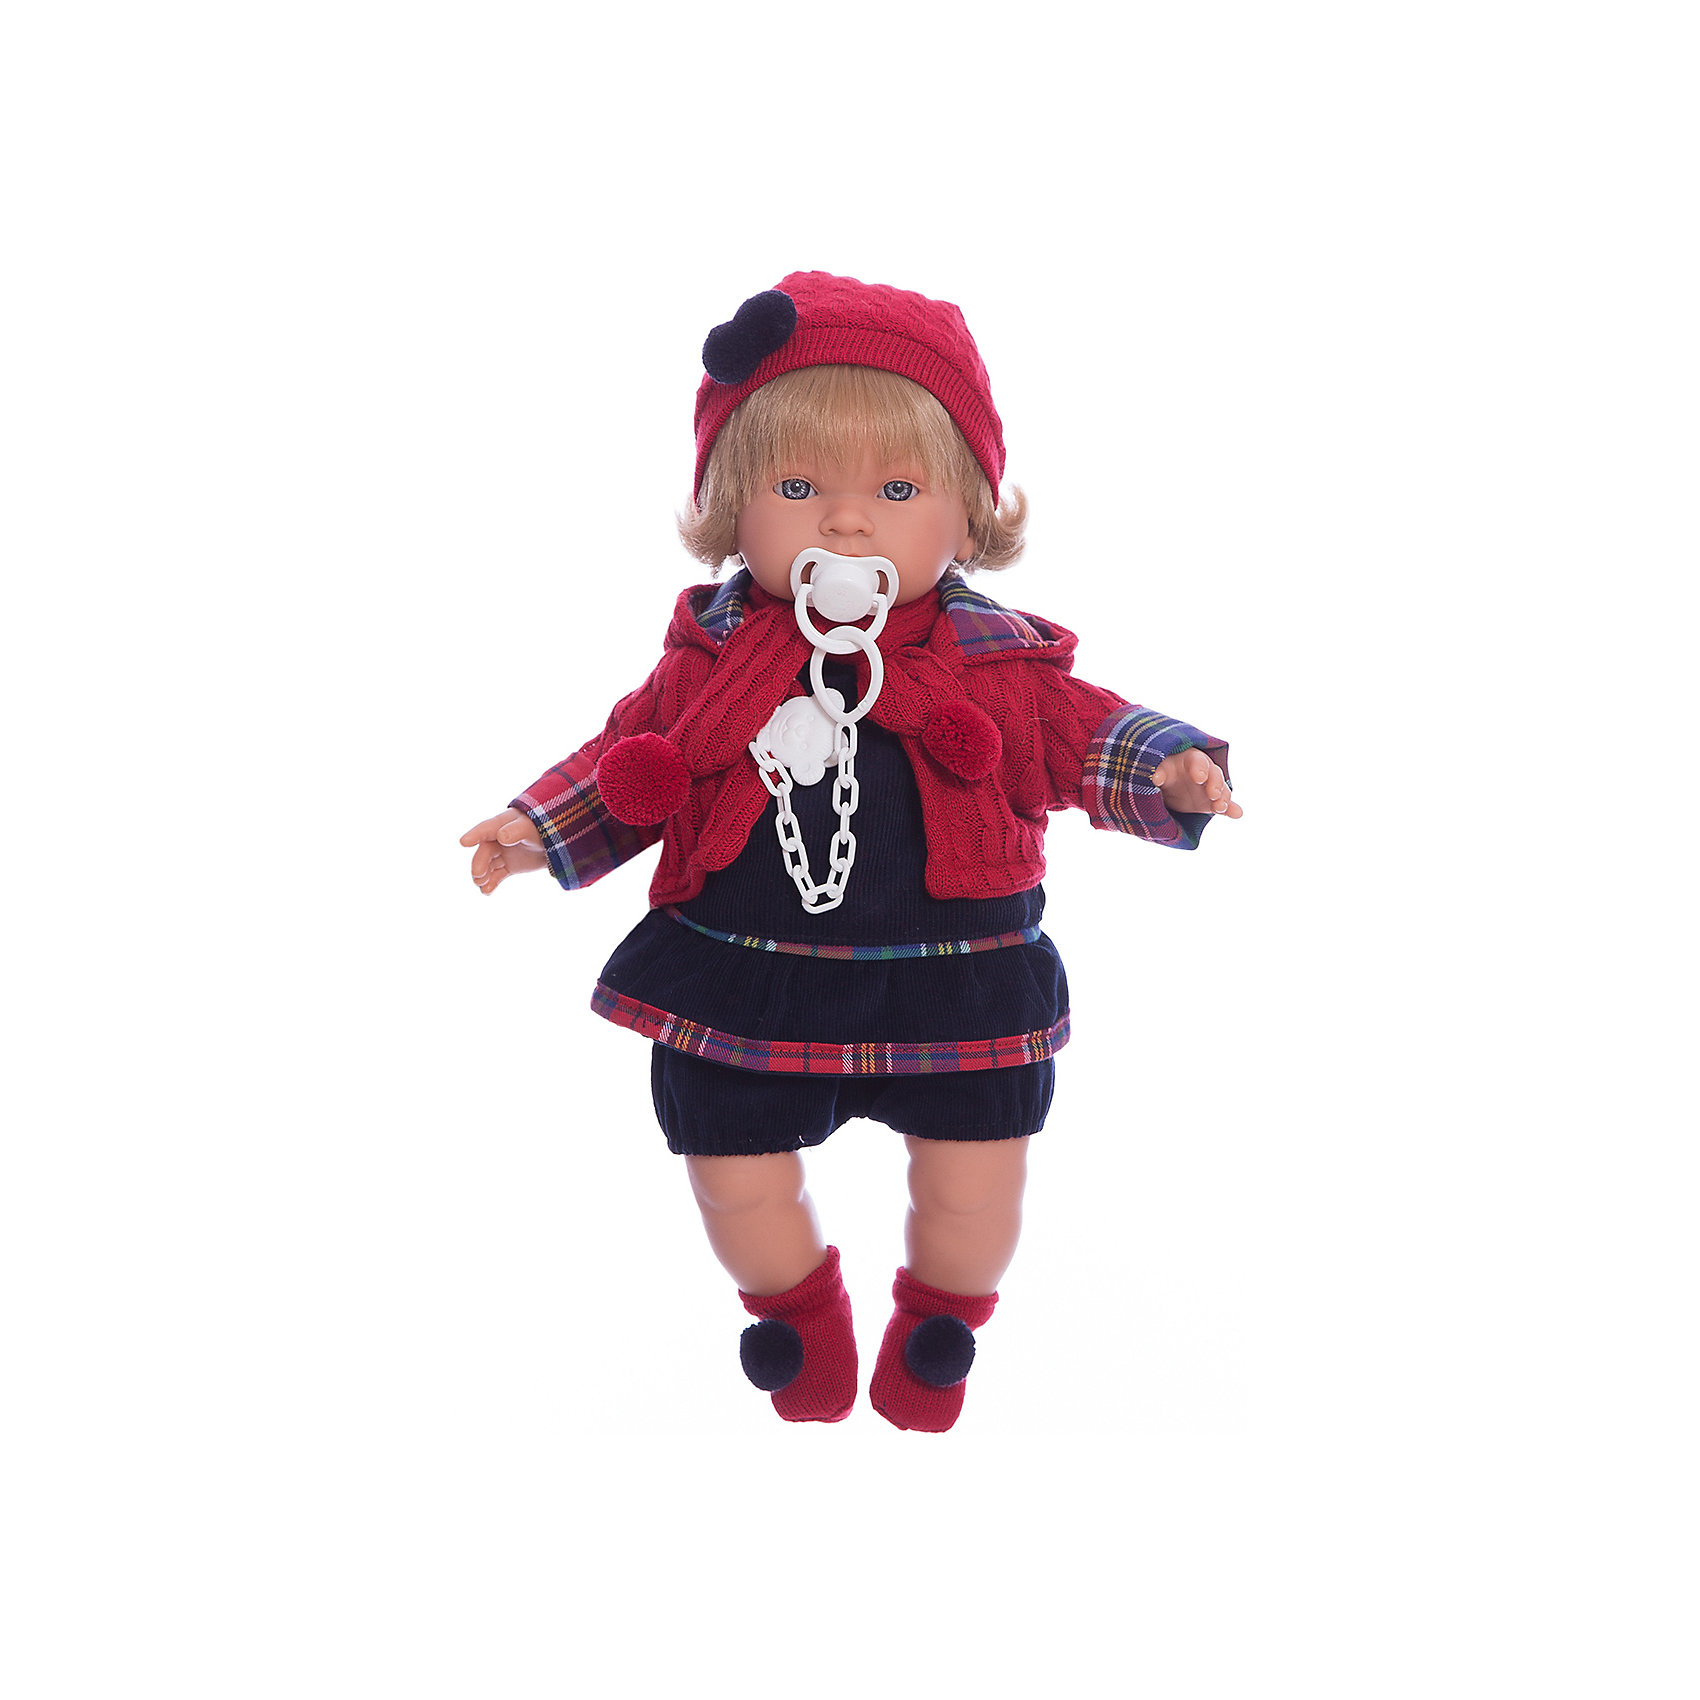 Кукла Марина, 42 см, LlorensХарактеристики товара:<br><br>- цвет: разноцветный;<br>- материал: винил, текстиль;<br>- мягконабивное тело, пластиковые руки, ноги, голова;<br>- комплектация: кукла, одежда, красивая коробка;<br>- размер куклы: 42 см.<br><br>Такие красивые куклы от известного испанского бренда не оставят ребенка равнодушным! Какая девочка откажется поиграть с куклой, которая выглядит и ведет себя почти как настоящий ребенок?! Игрушка отлично детализирована, очень качественно выполнена, поэтому она станет замечательным подарком ребенку. <br>Кукла красиво одета, у нее шелковистые волосы, которые можно расчесывать. Продается она в красивой подарочной коробке. Изделие произведено из высококачественного материала, безопасного для детей.<br><br>Куклу Марина, 42 см, от бренда Llorens можно купить в нашем интернет-магазине.<br><br>Ширина мм: 23<br>Глубина мм: 45<br>Высота мм: 12<br>Вес г: 1360<br>Возраст от месяцев: 36<br>Возраст до месяцев: 84<br>Пол: Женский<br>Возраст: Детский<br>SKU: 5086914